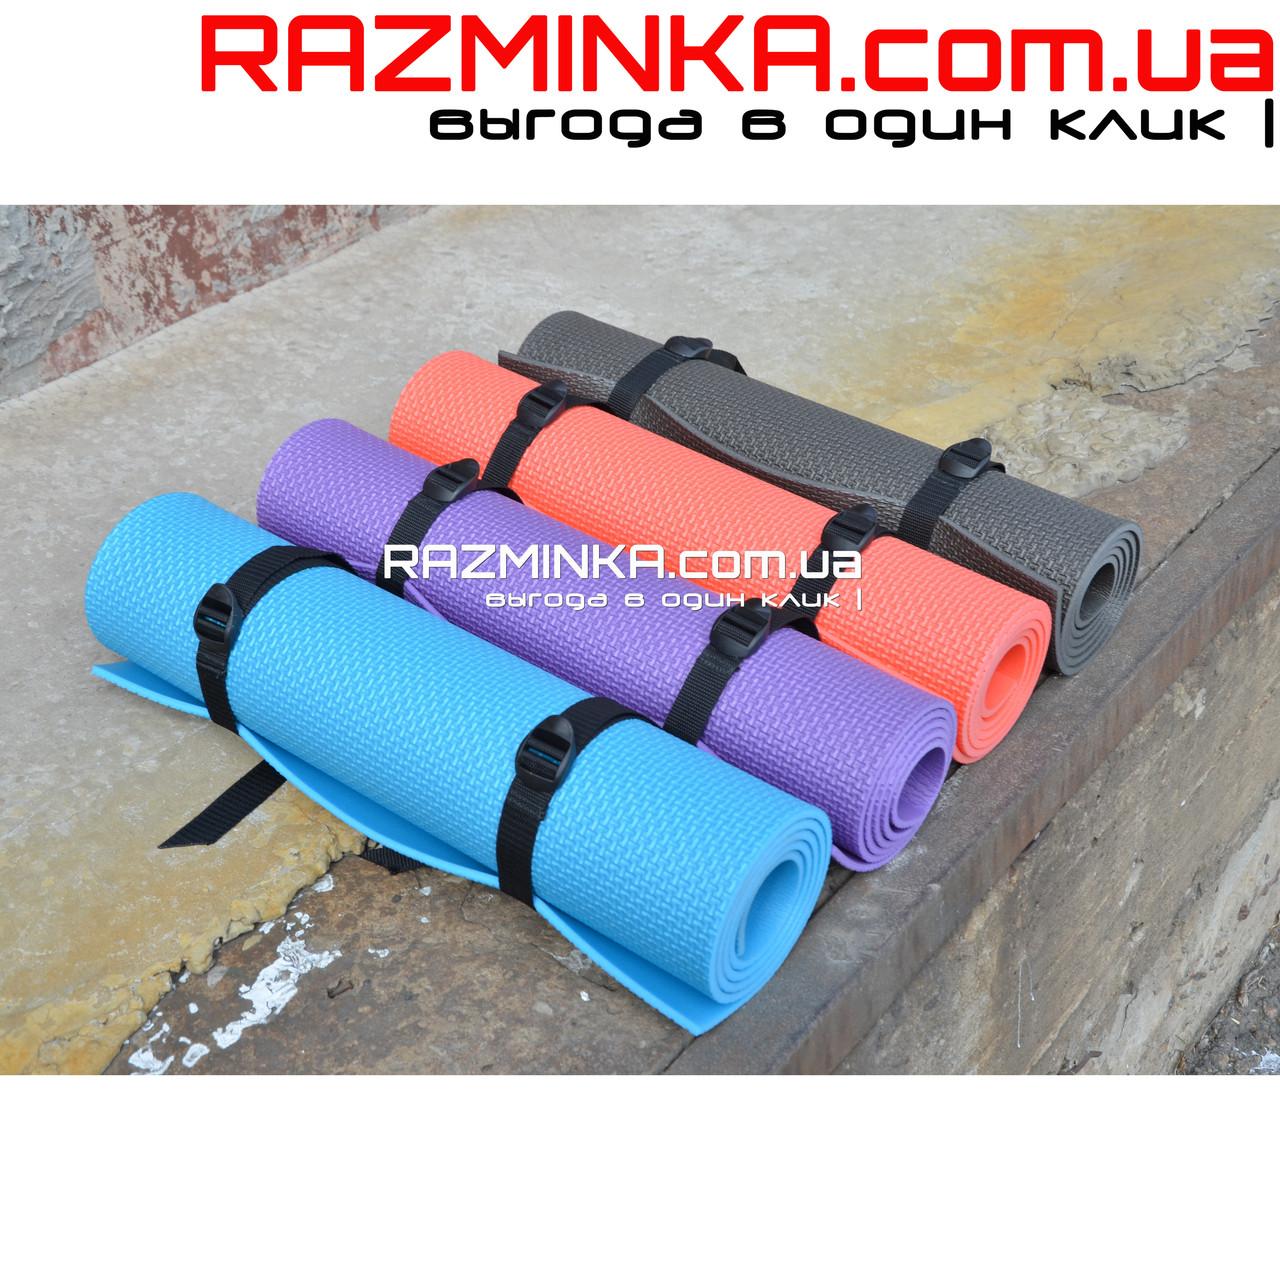 Компактный коврик для йоги 1400х500х5мм